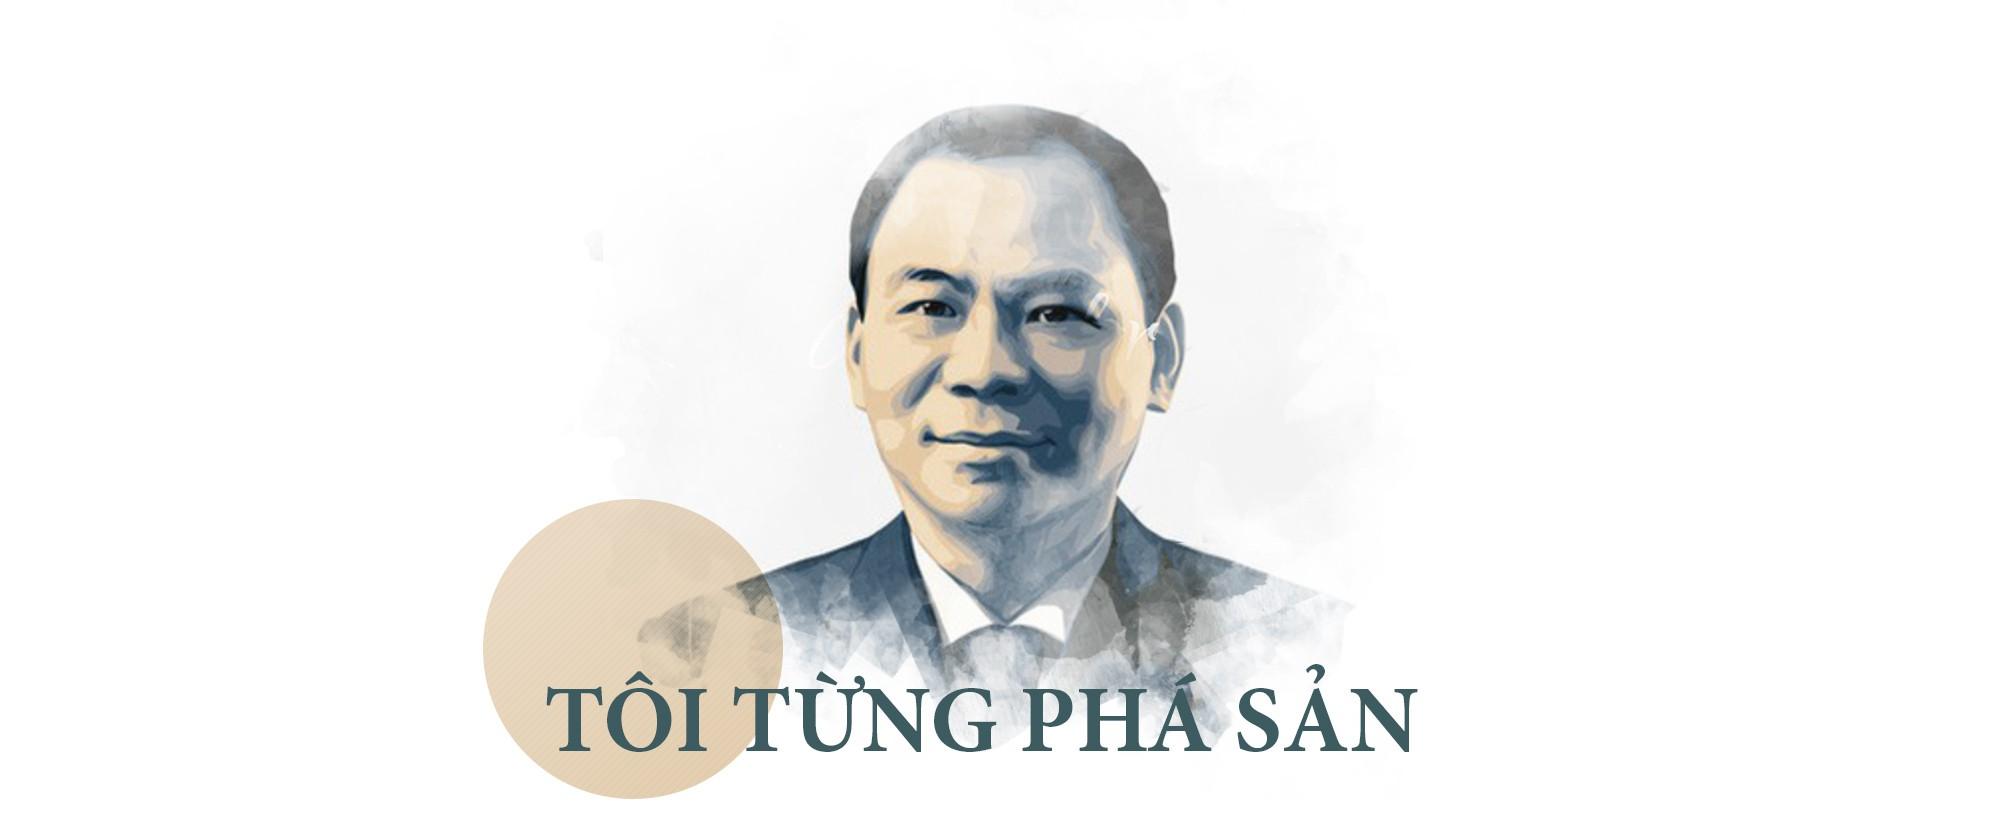 Ông Phạm Nhật Vượng: Thế giới phải biết Việt Nam trí tuệ, đẳng cấp - Ảnh 24.